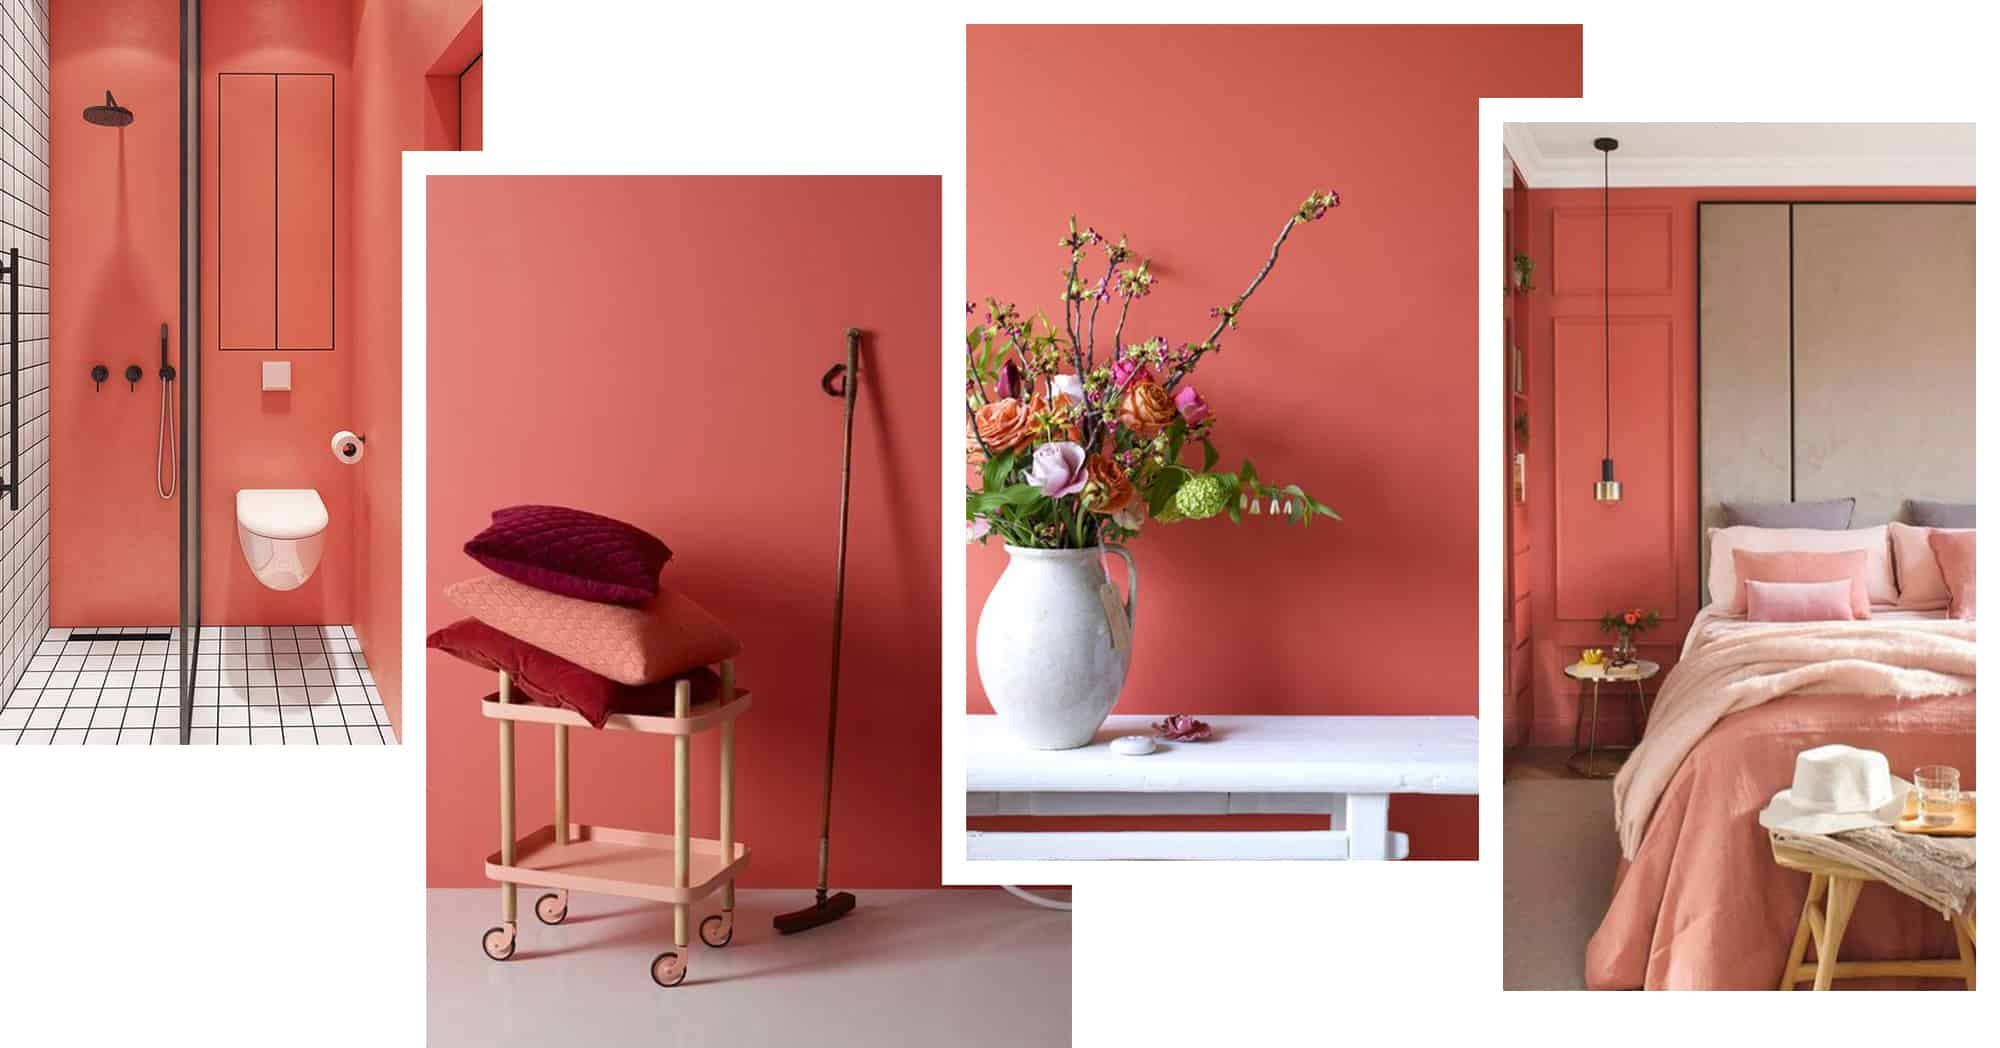 Couleur Mur Salon 2019 10 couleurs tendance dans la décoration en 2019 !